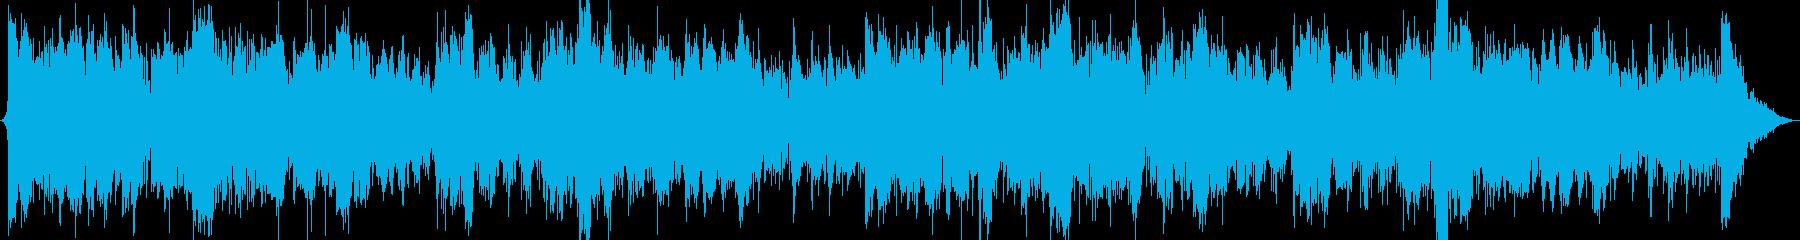 RPG_切ない旋律の管弦曲の再生済みの波形